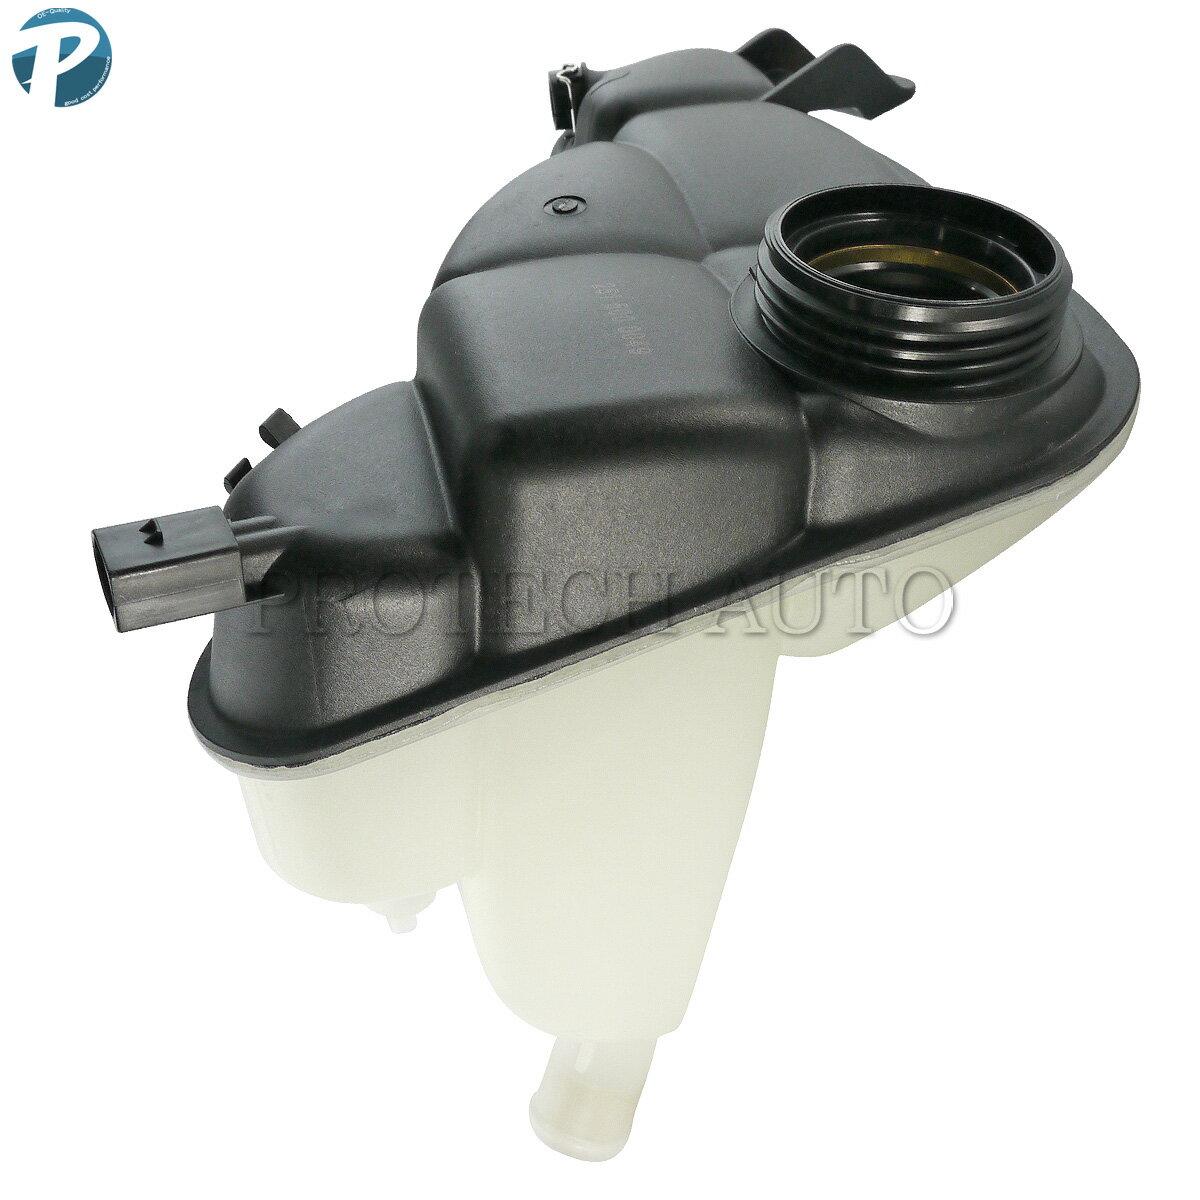 ベンツ Rクラス W251 ラジエーターサブタンク/エクスパンションタンク 2515000049 R350 R500 R550 R63AMG【あす楽対応】